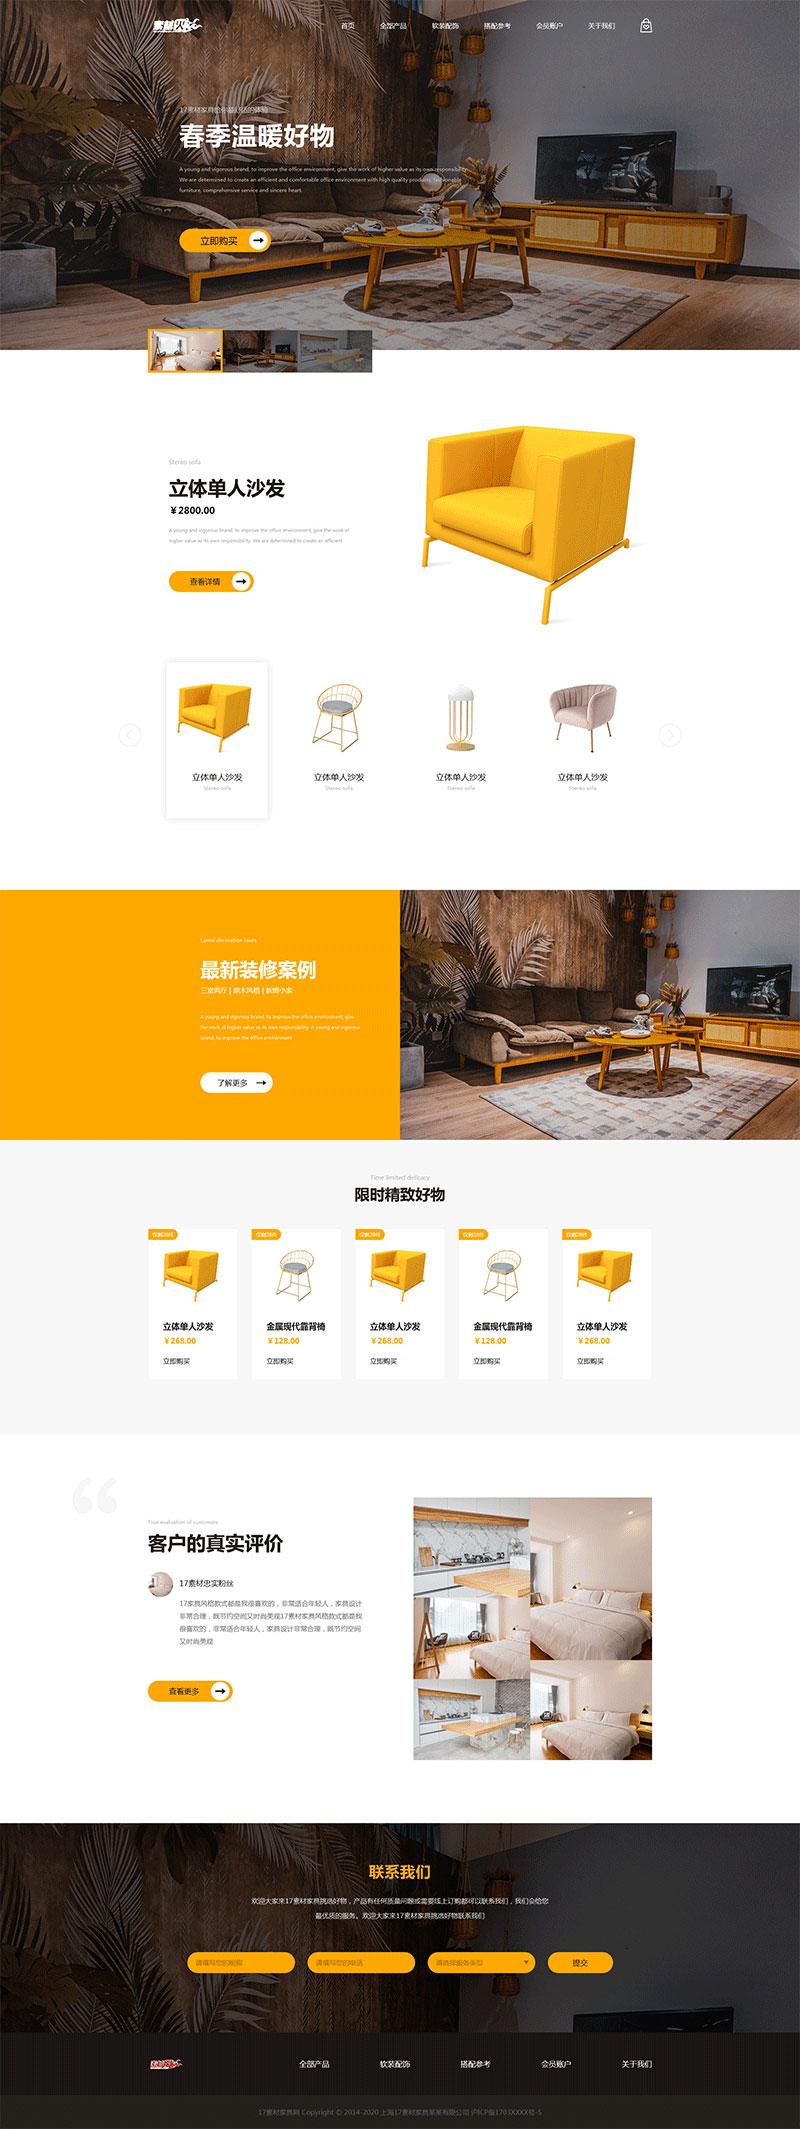 黄色宽屏大气室内家居装饰家具销售公司网站模板